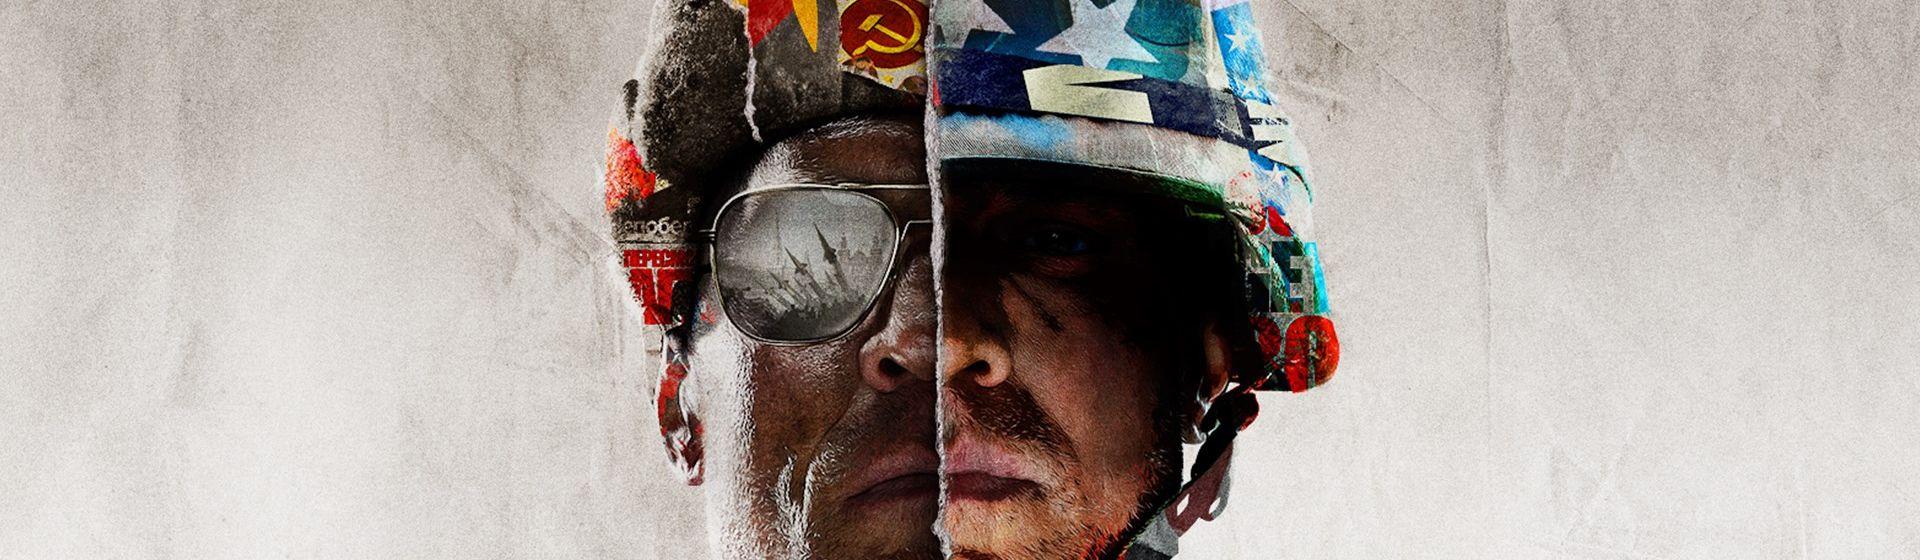 Call of Duty: Black Ops Cold War: data de lançamento e preços da pré-venda